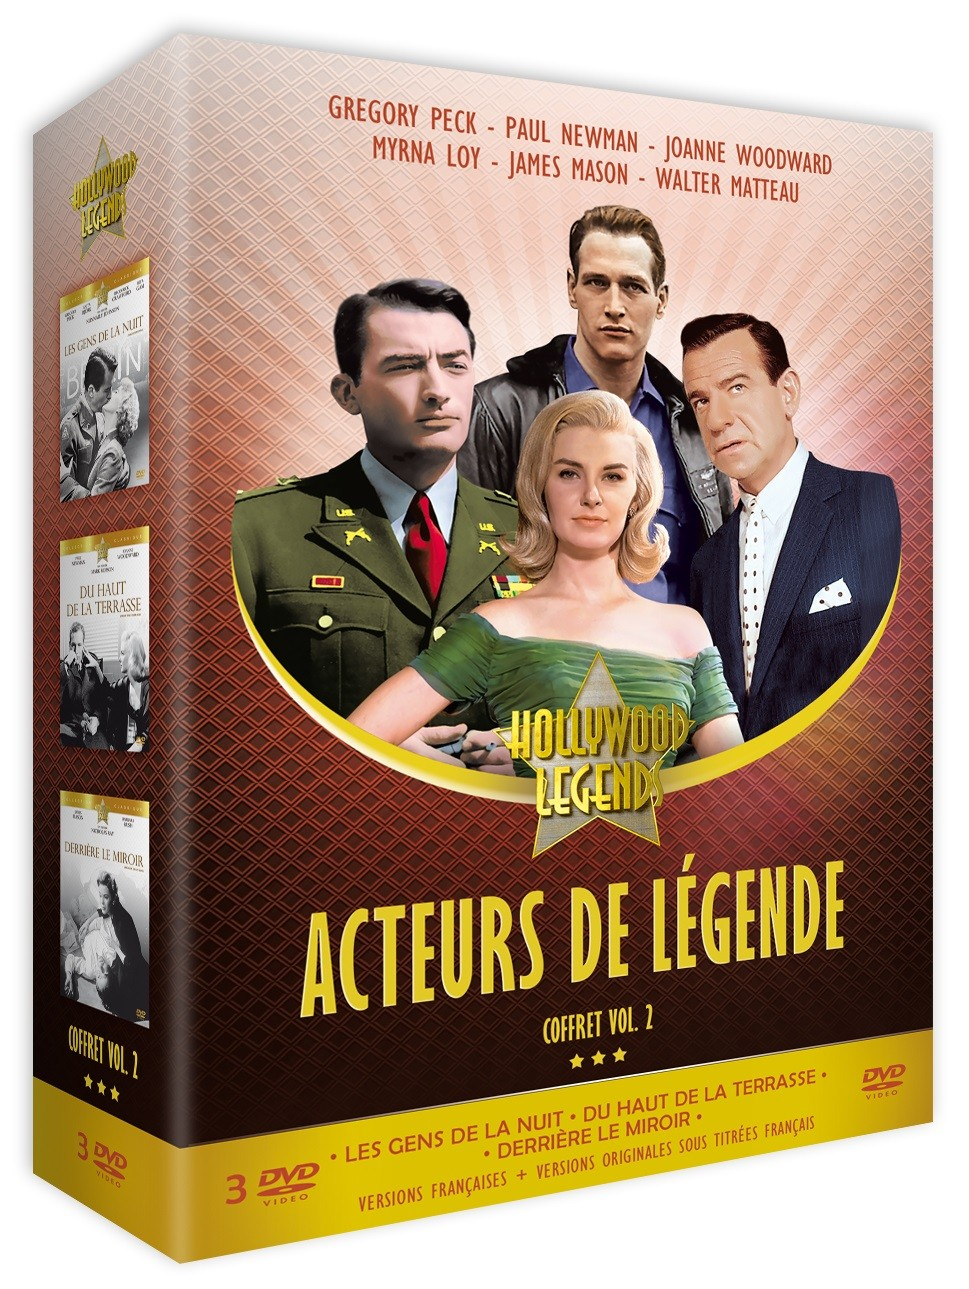 ACTEURS DE LEGENDE VOL. 2